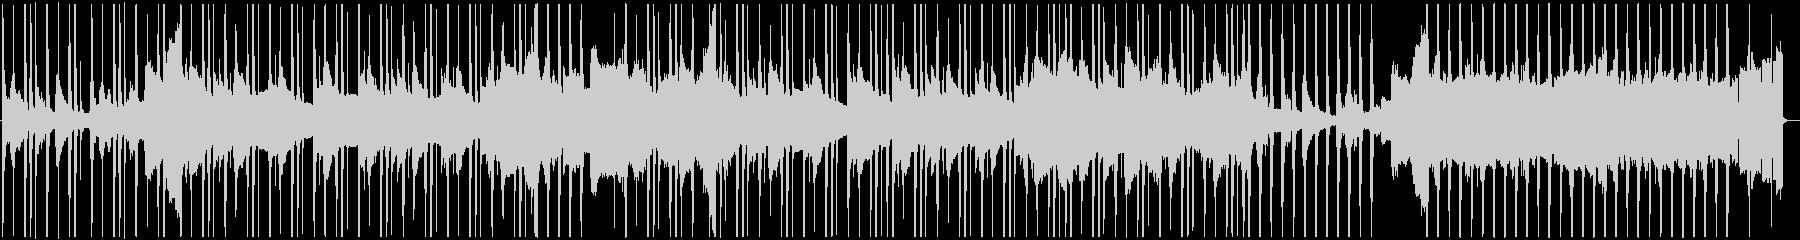 ノスタルジックなLo-Fiピアノインストの未再生の波形